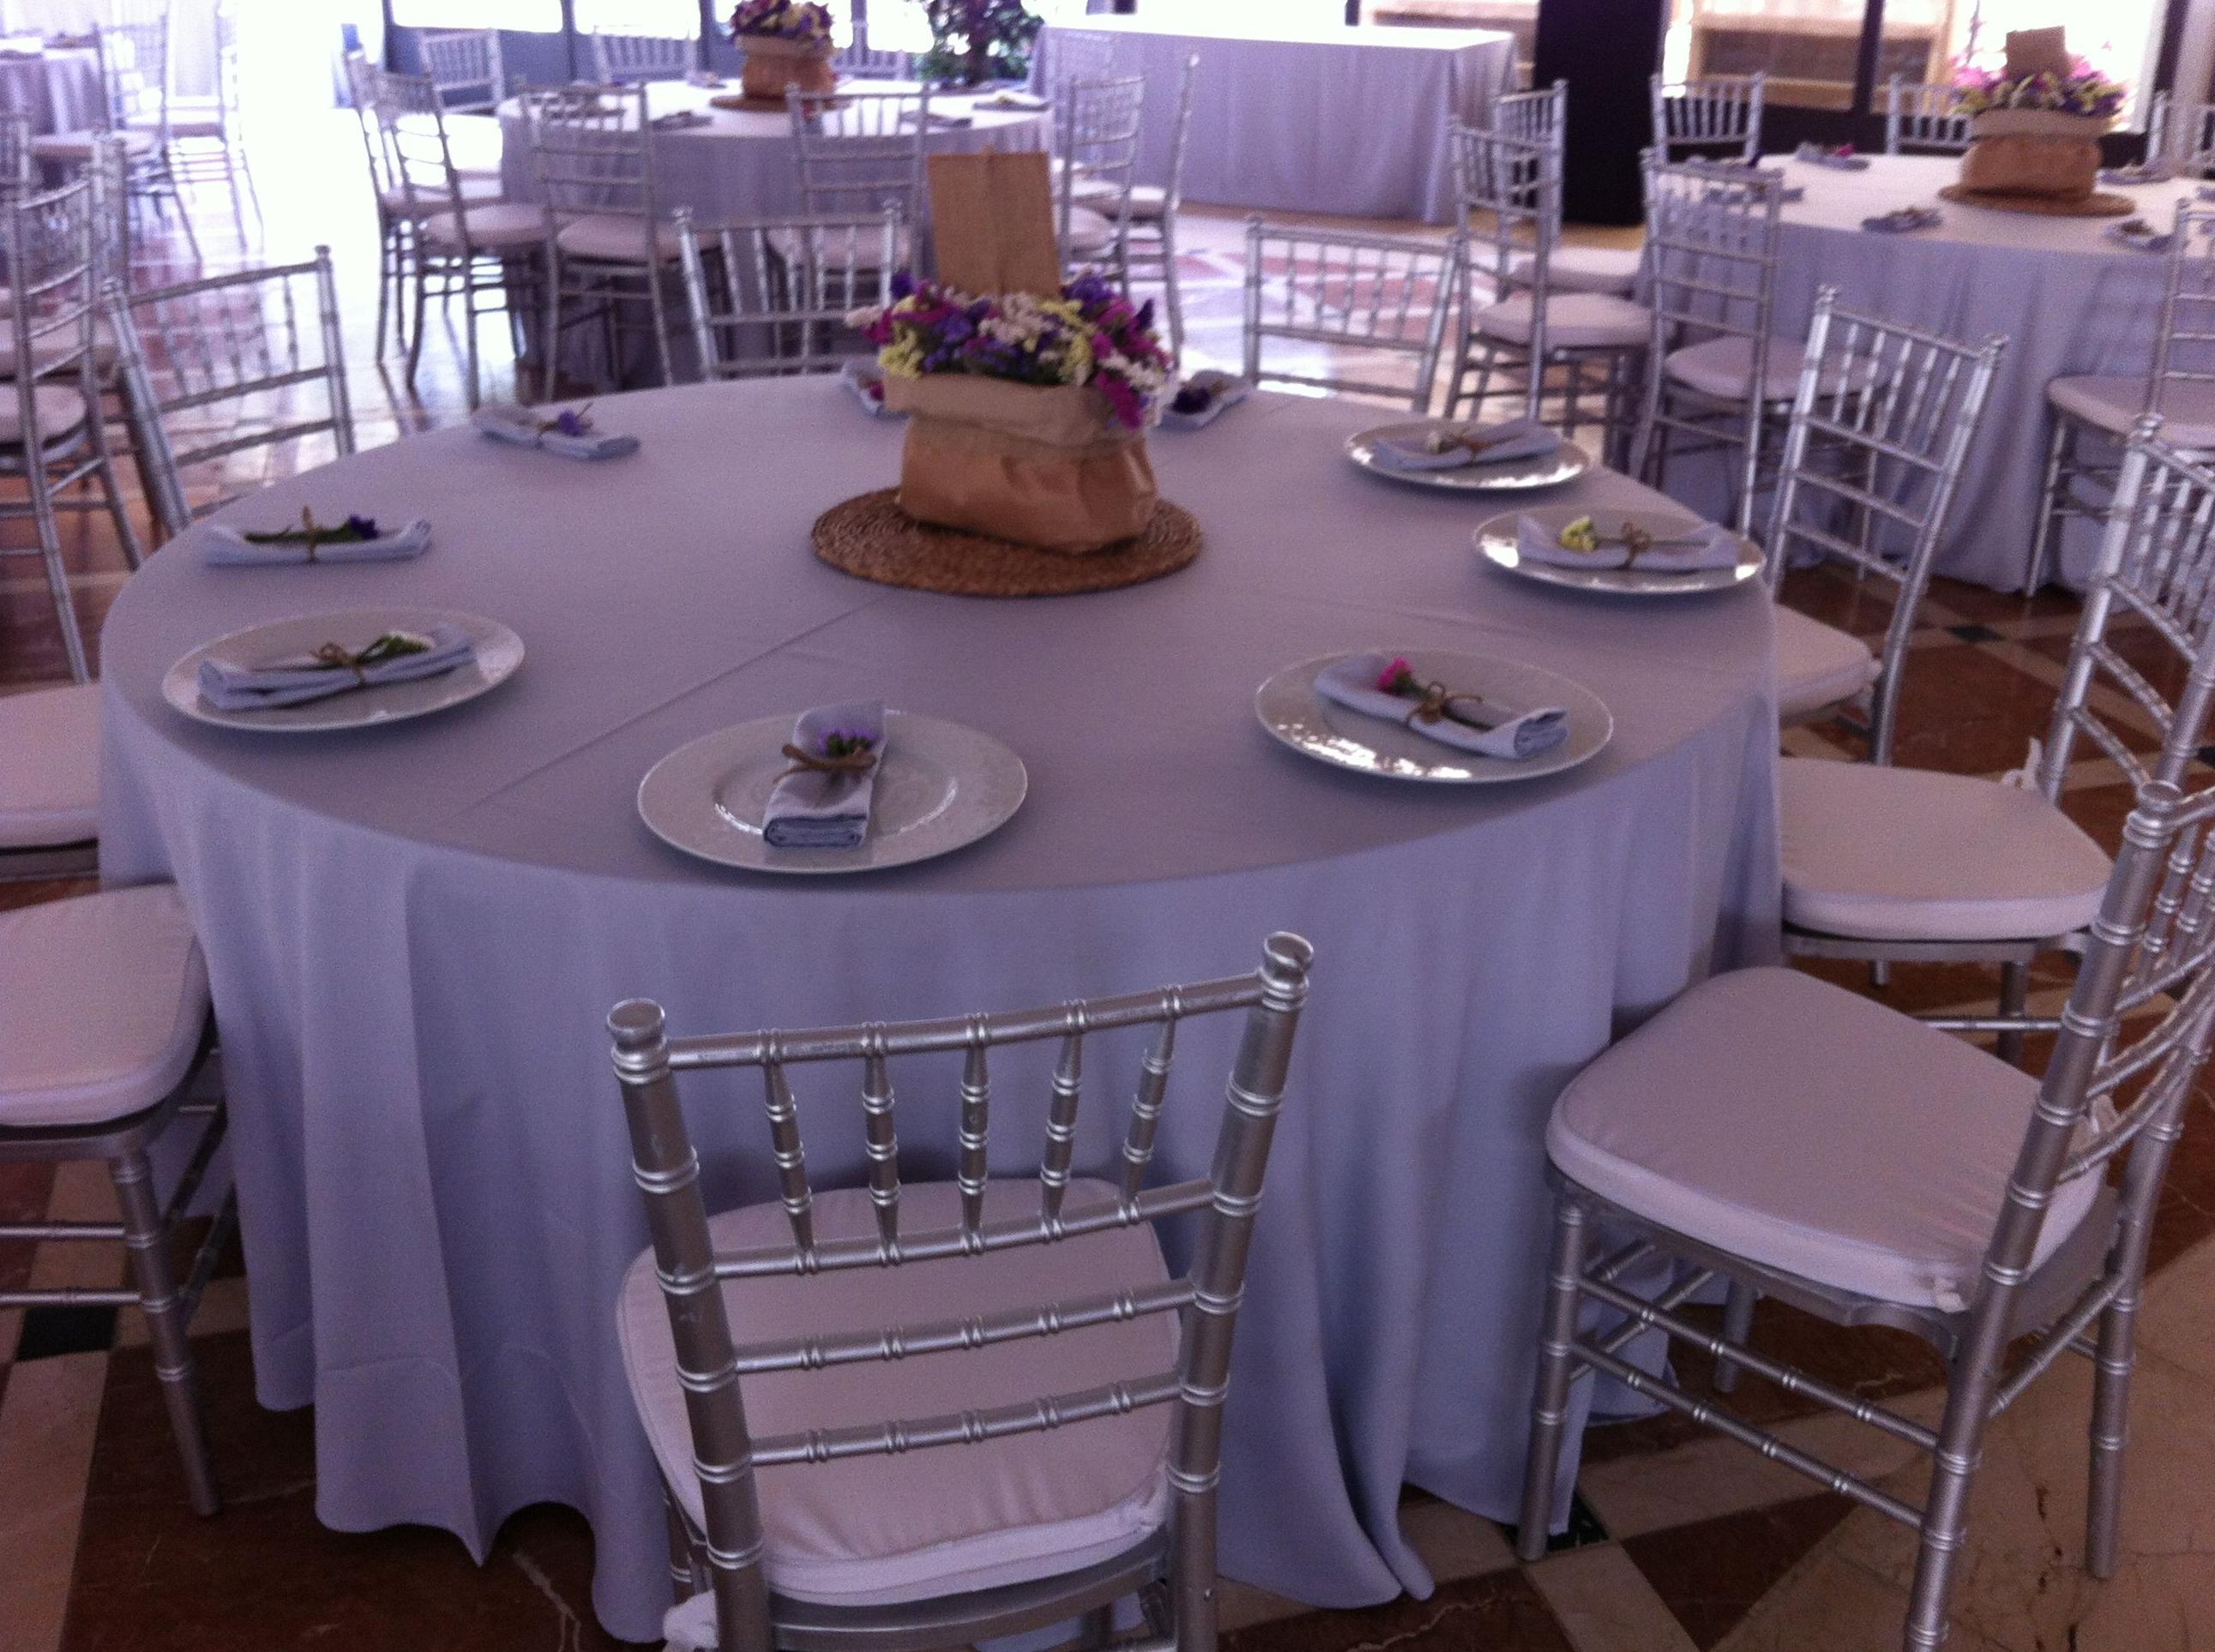 Alquiler de sillas y mesas Murcia, Alquiler de mantelerias Murcia, Alquiler de vajillas Murcia, Alquiler de cristalerias Murcia, Alquiler de carpas Murcia, Alquiler de mantelerias para bodas Murcia, Alquiler de sillas y mesas para bodas Murcia,